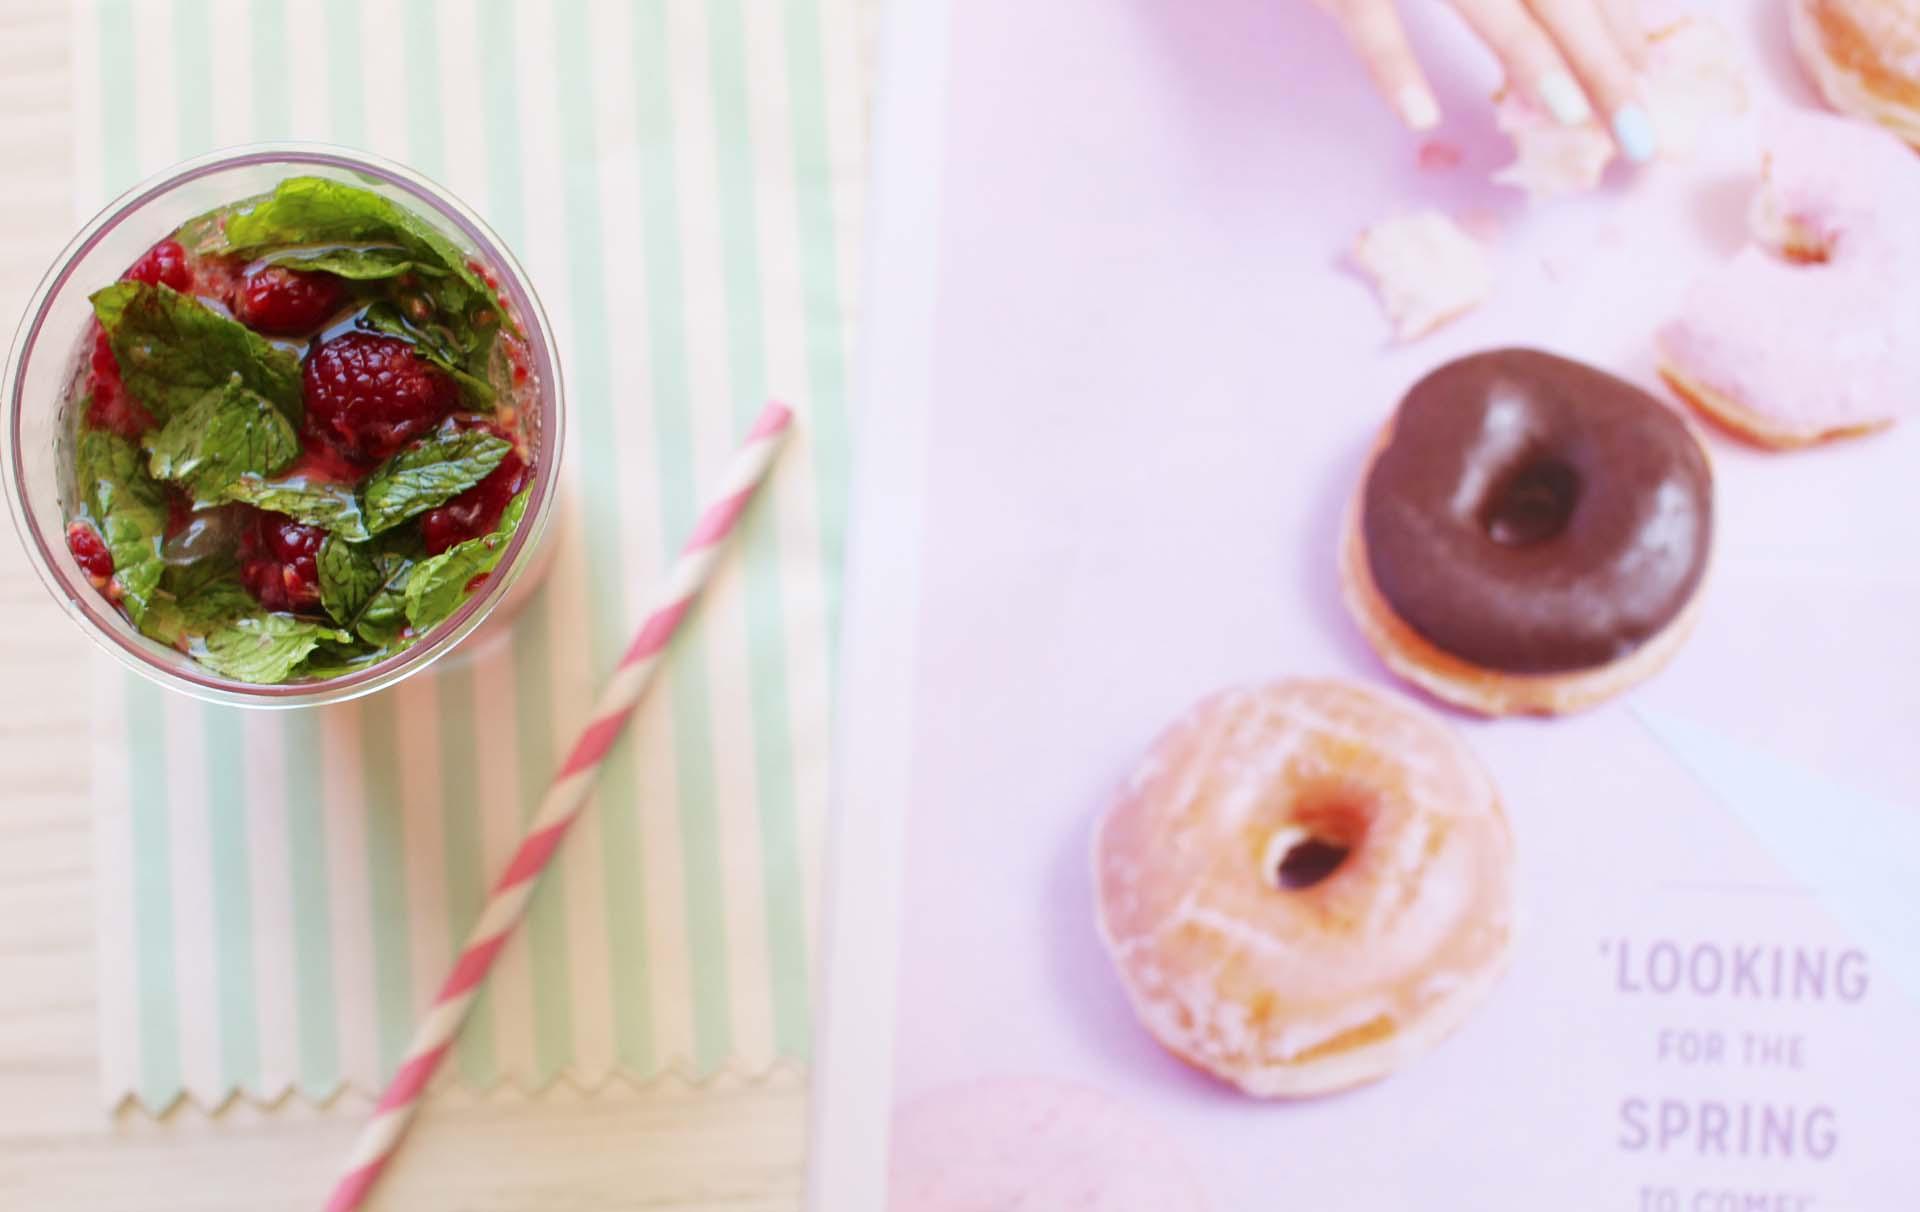 fricote magazine recette mojito framboises